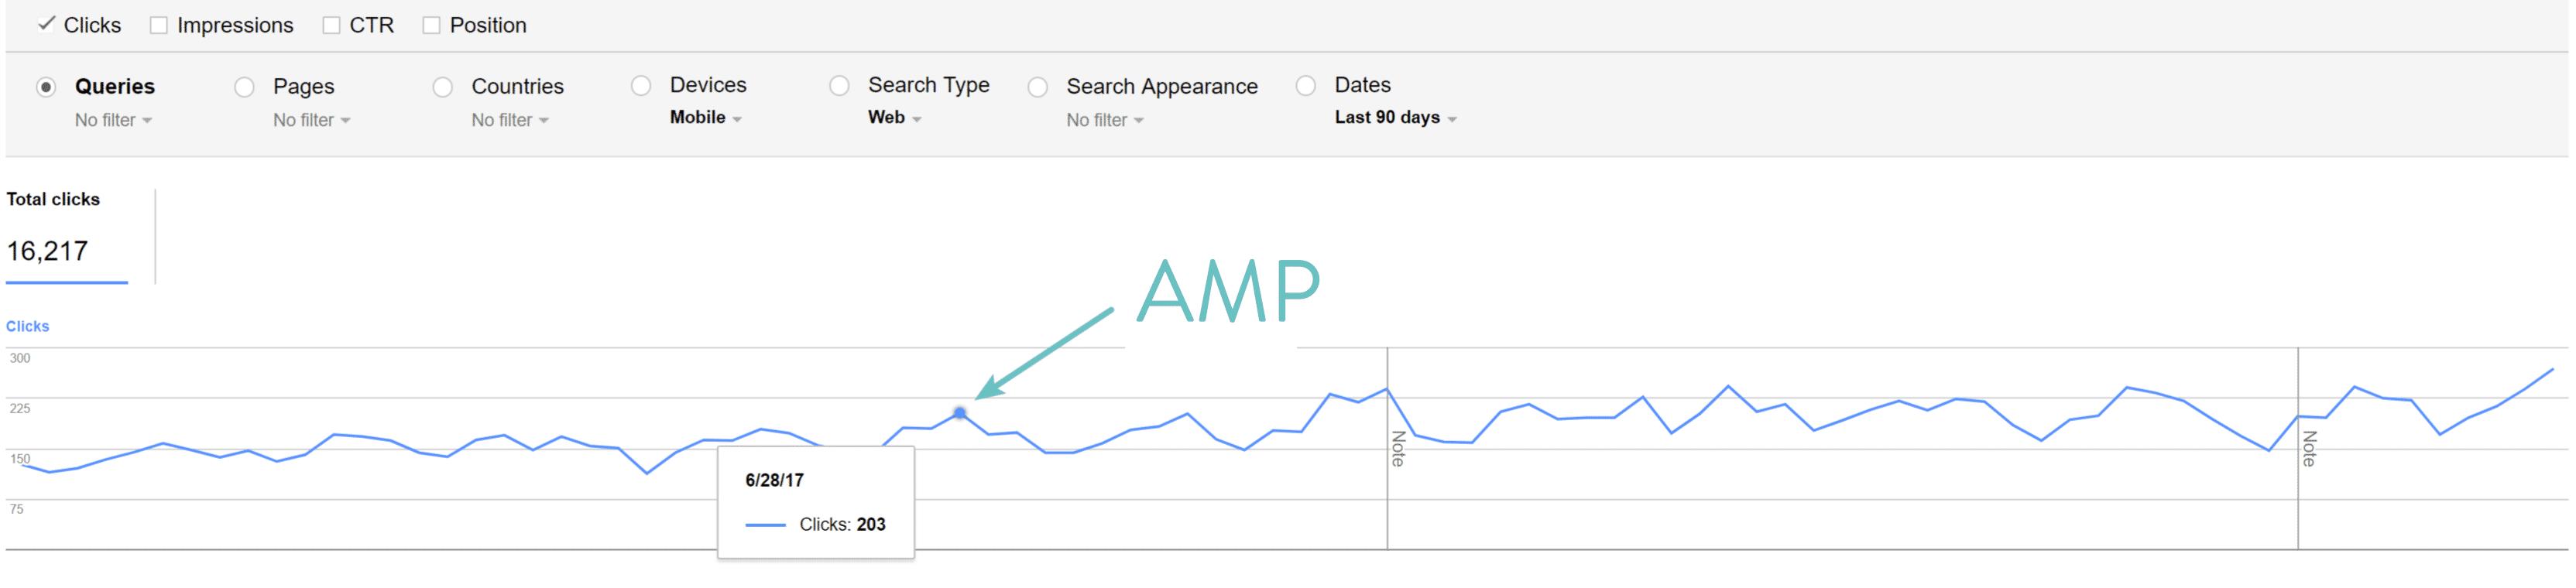 Google AMP clics